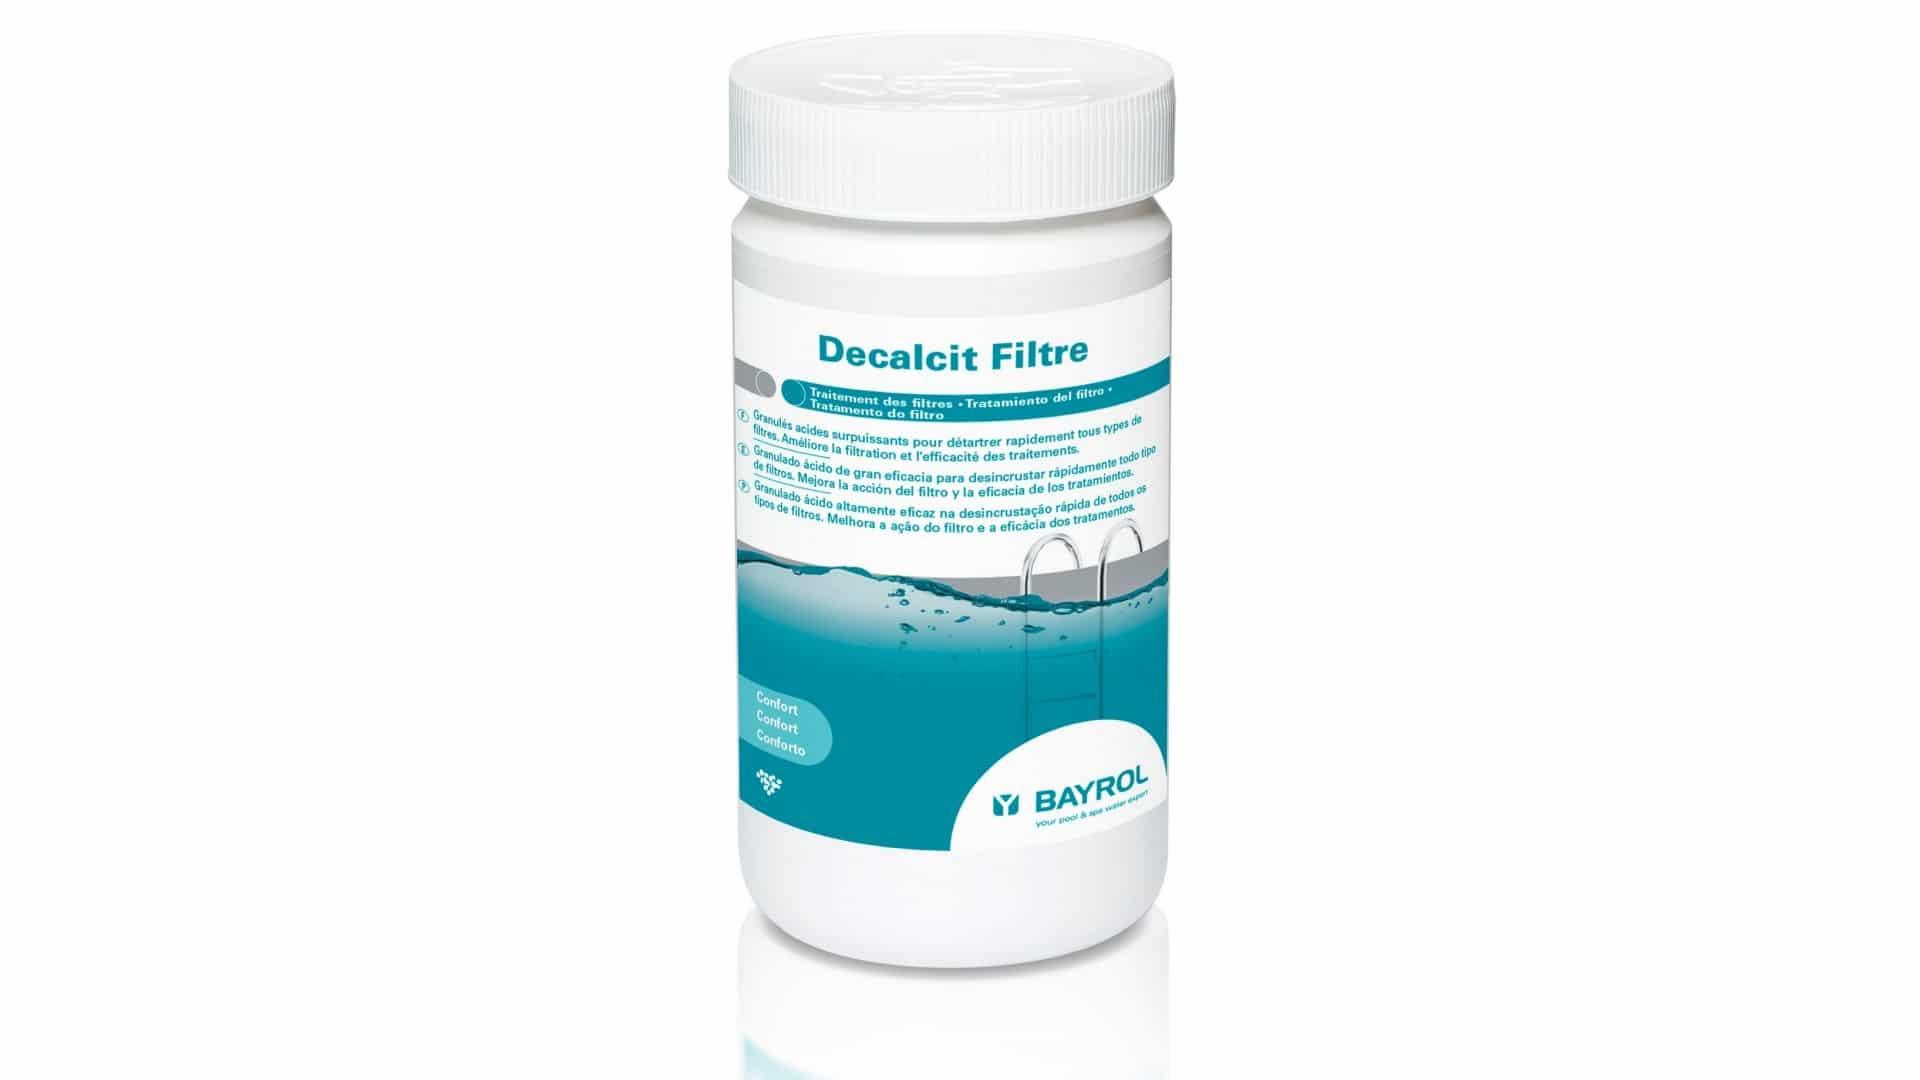 Traitement Des Filtres Decalcit Filtre Bayrol tout Filtre A Sable Piscine Mode D Emploi